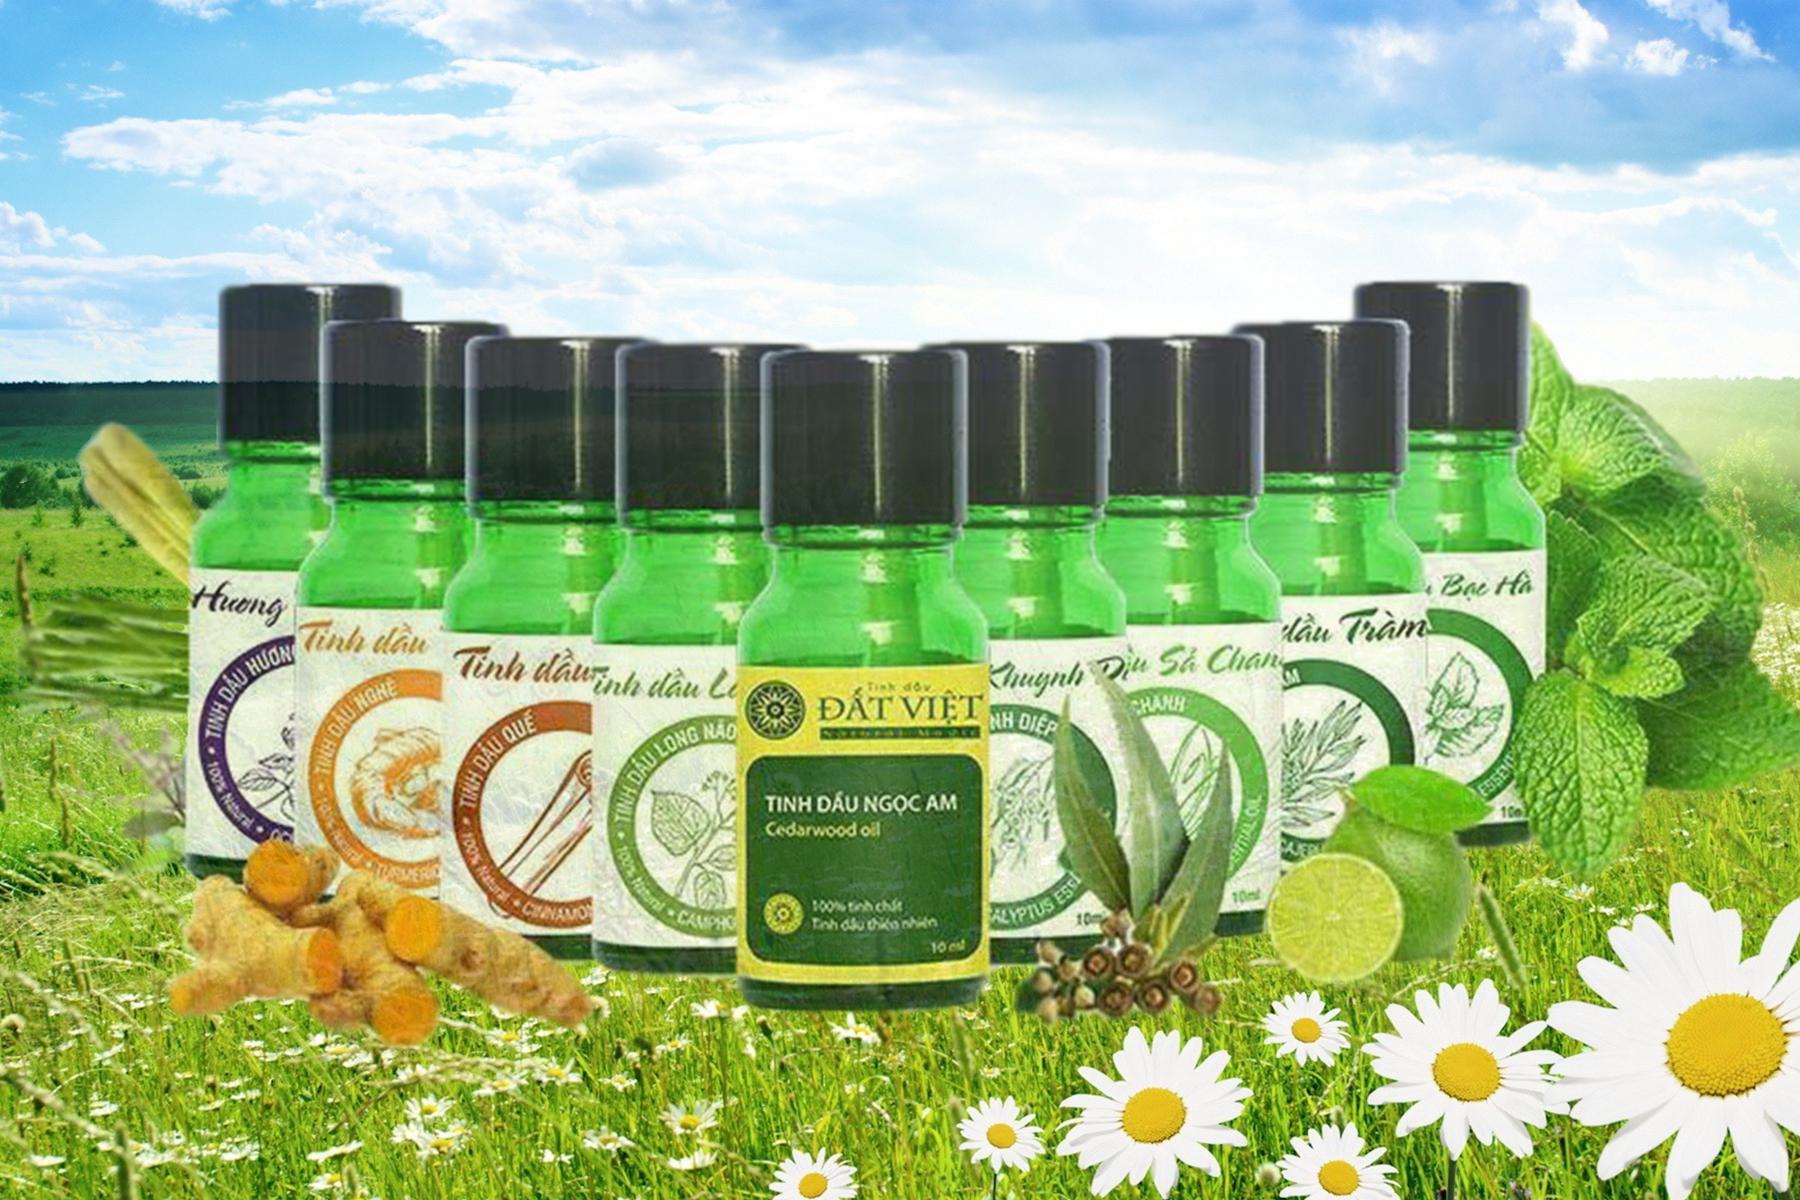 Tinh dầu thơm phòng - Tinh dầu thiên nhiên nguyên chất